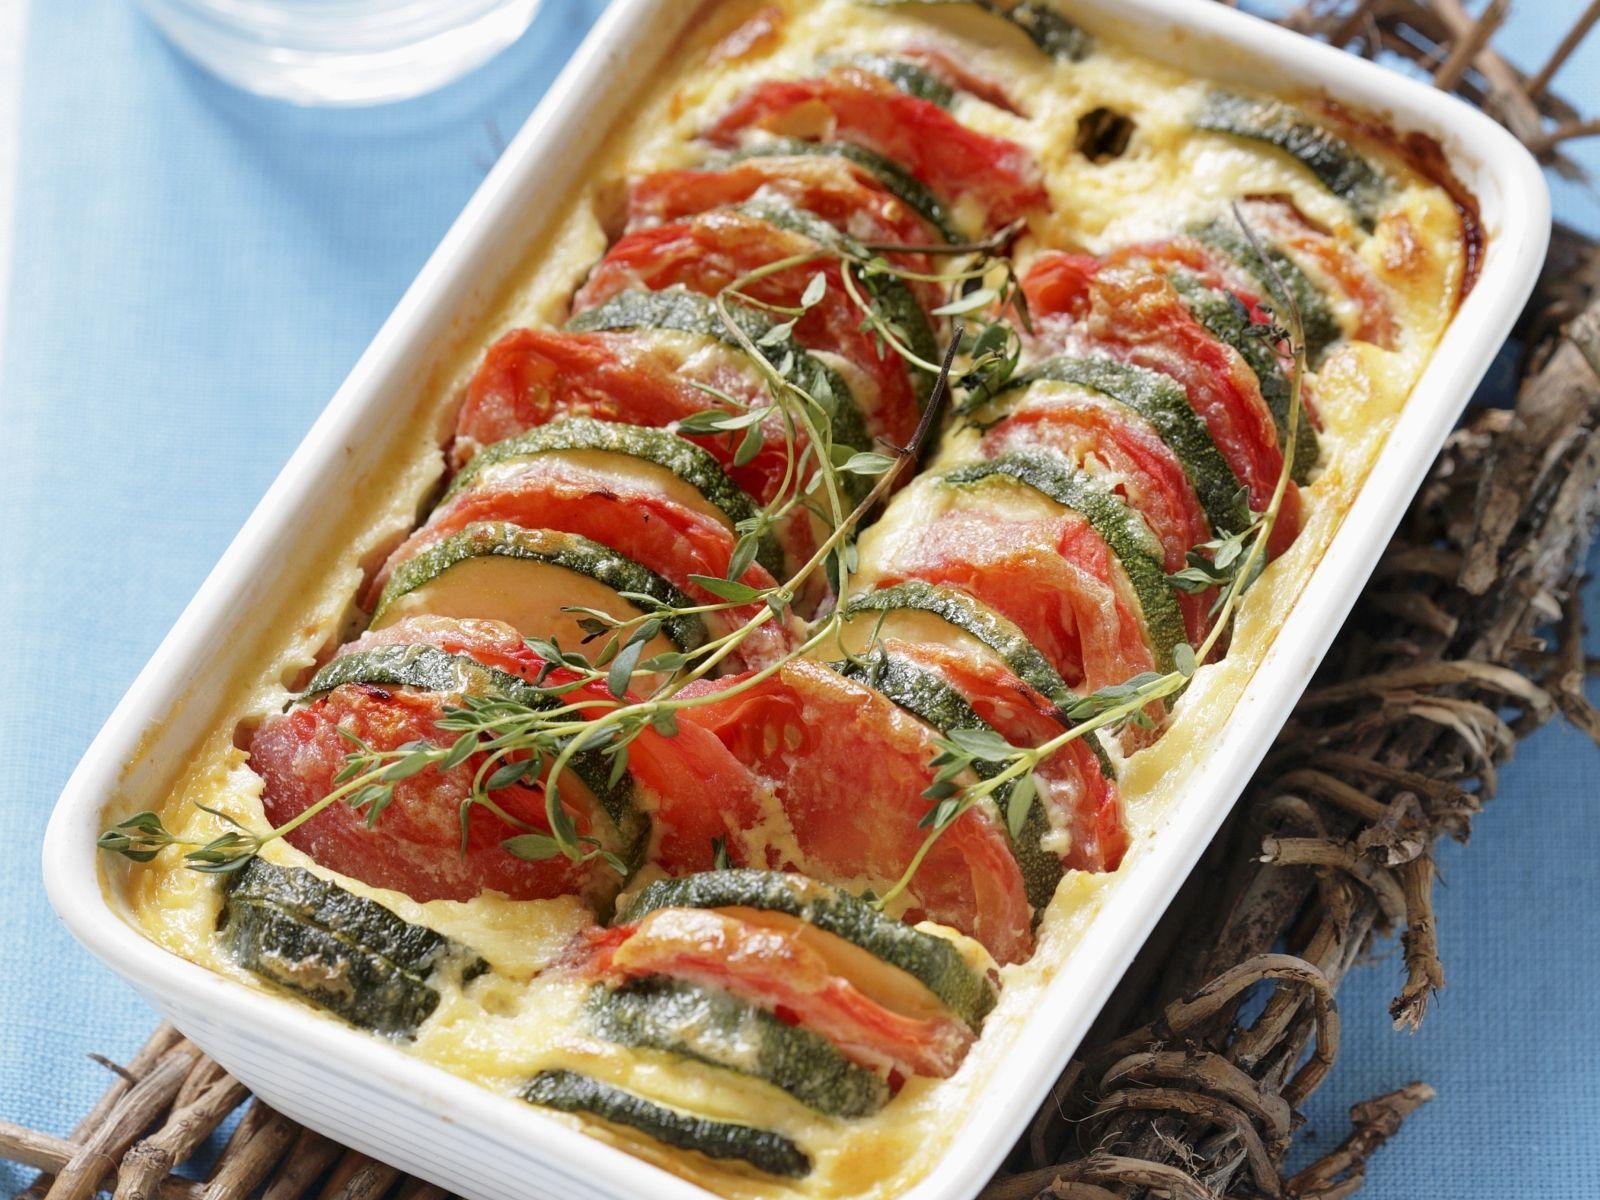 Kochrezept zucchini gratin